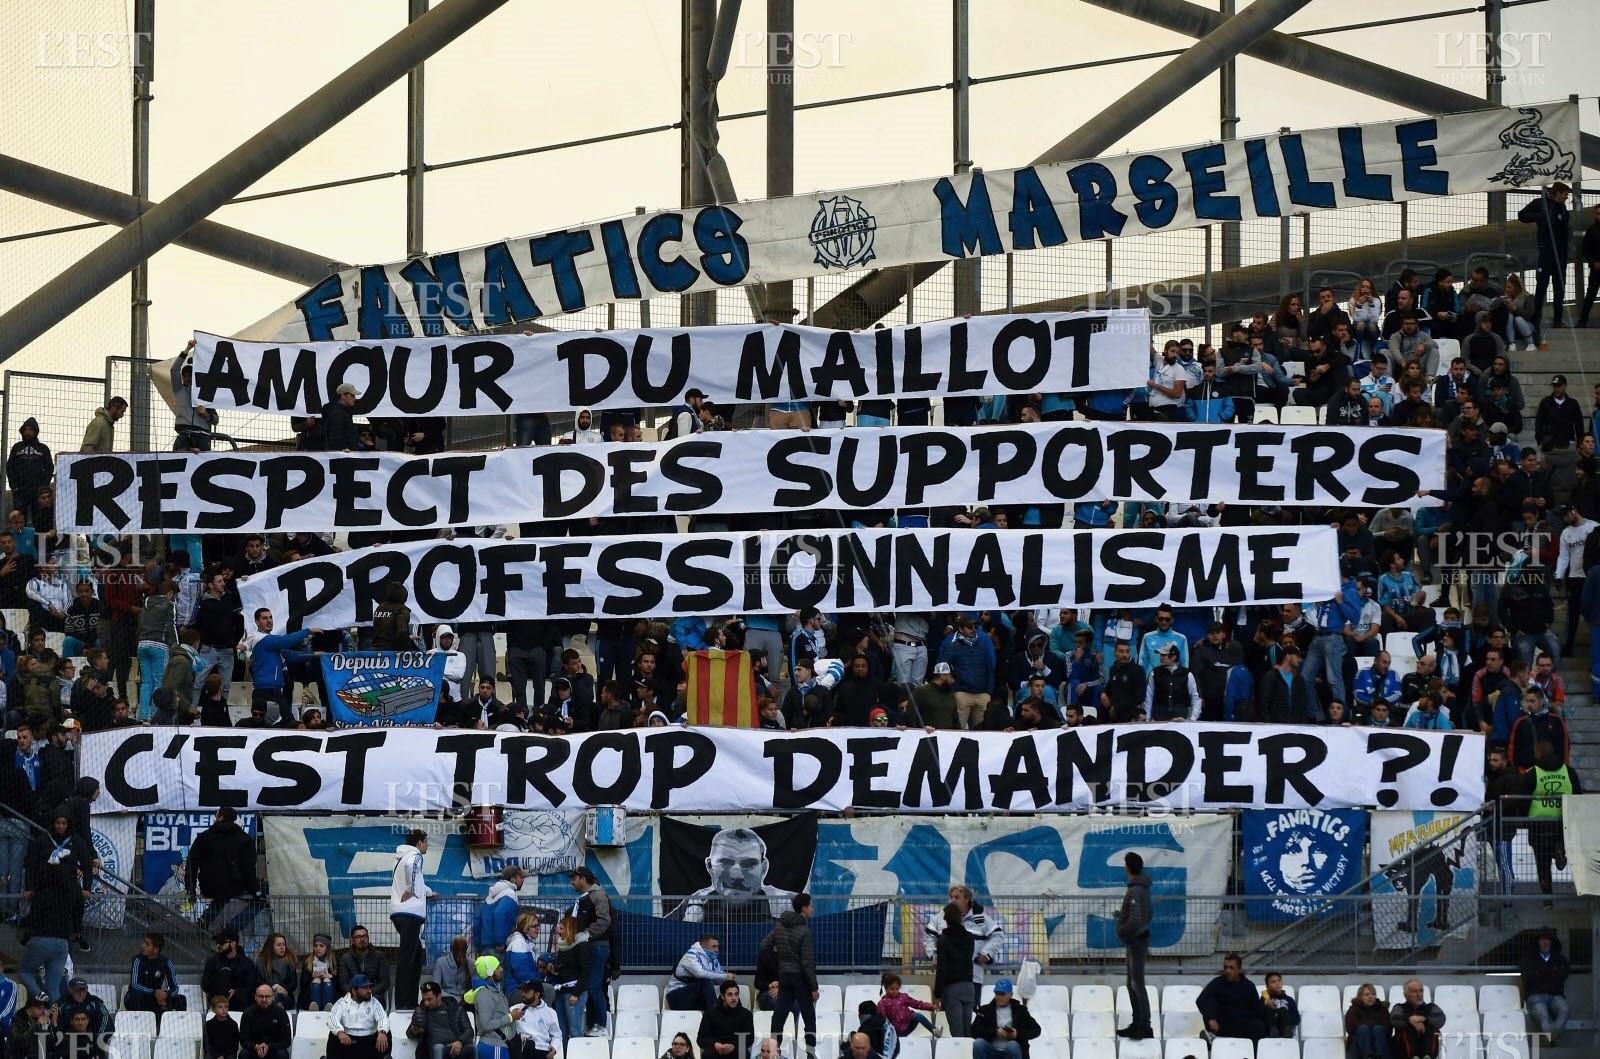 Evra bị treo giò 7 tháng, bị Marseille hủy hợp đồng: Đạp một phát, tan nát luôn sự nghiệp - Ảnh 4.